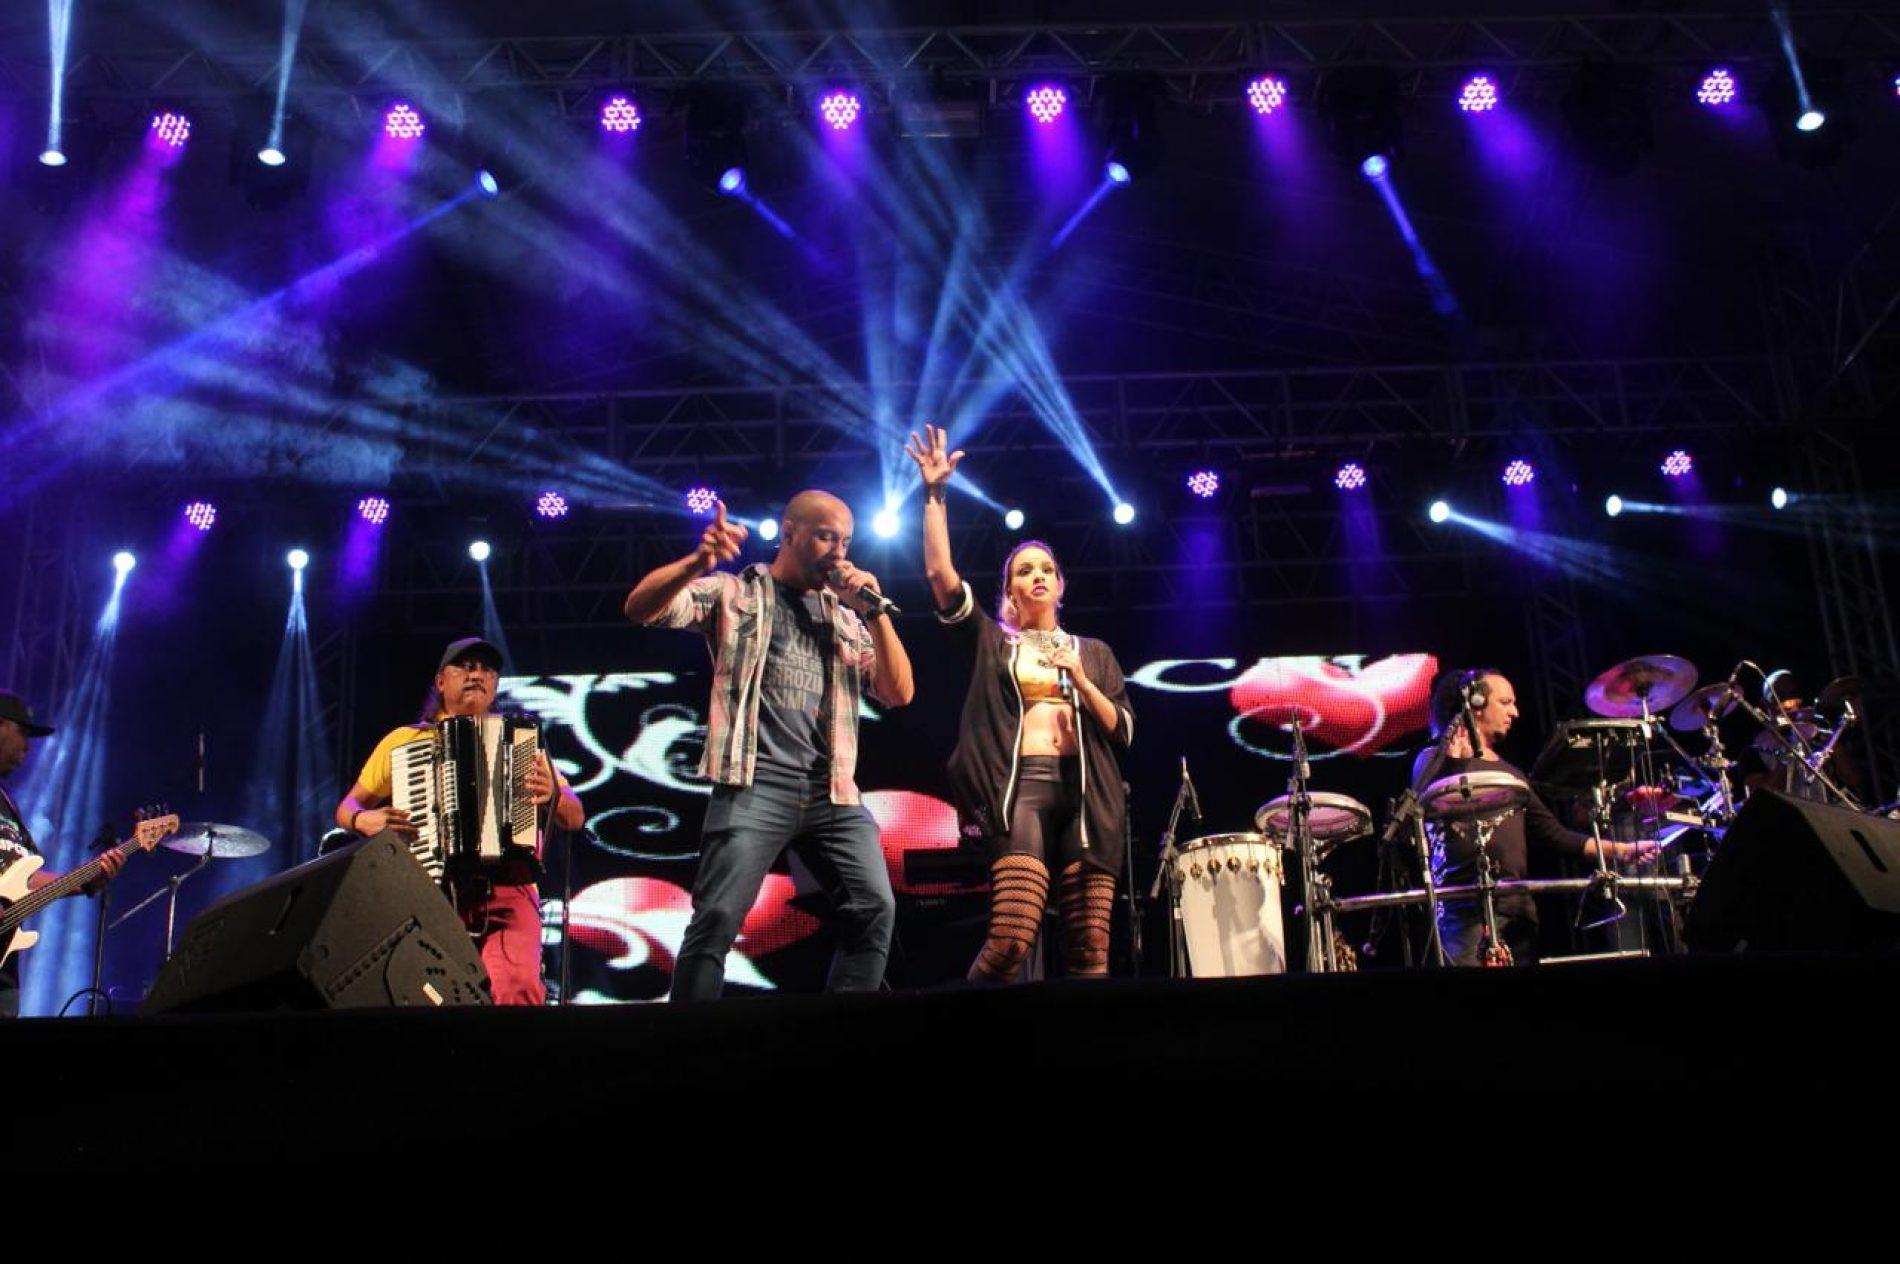 Camaforró: Atrações locais são priorizadas e valorizadas na festa